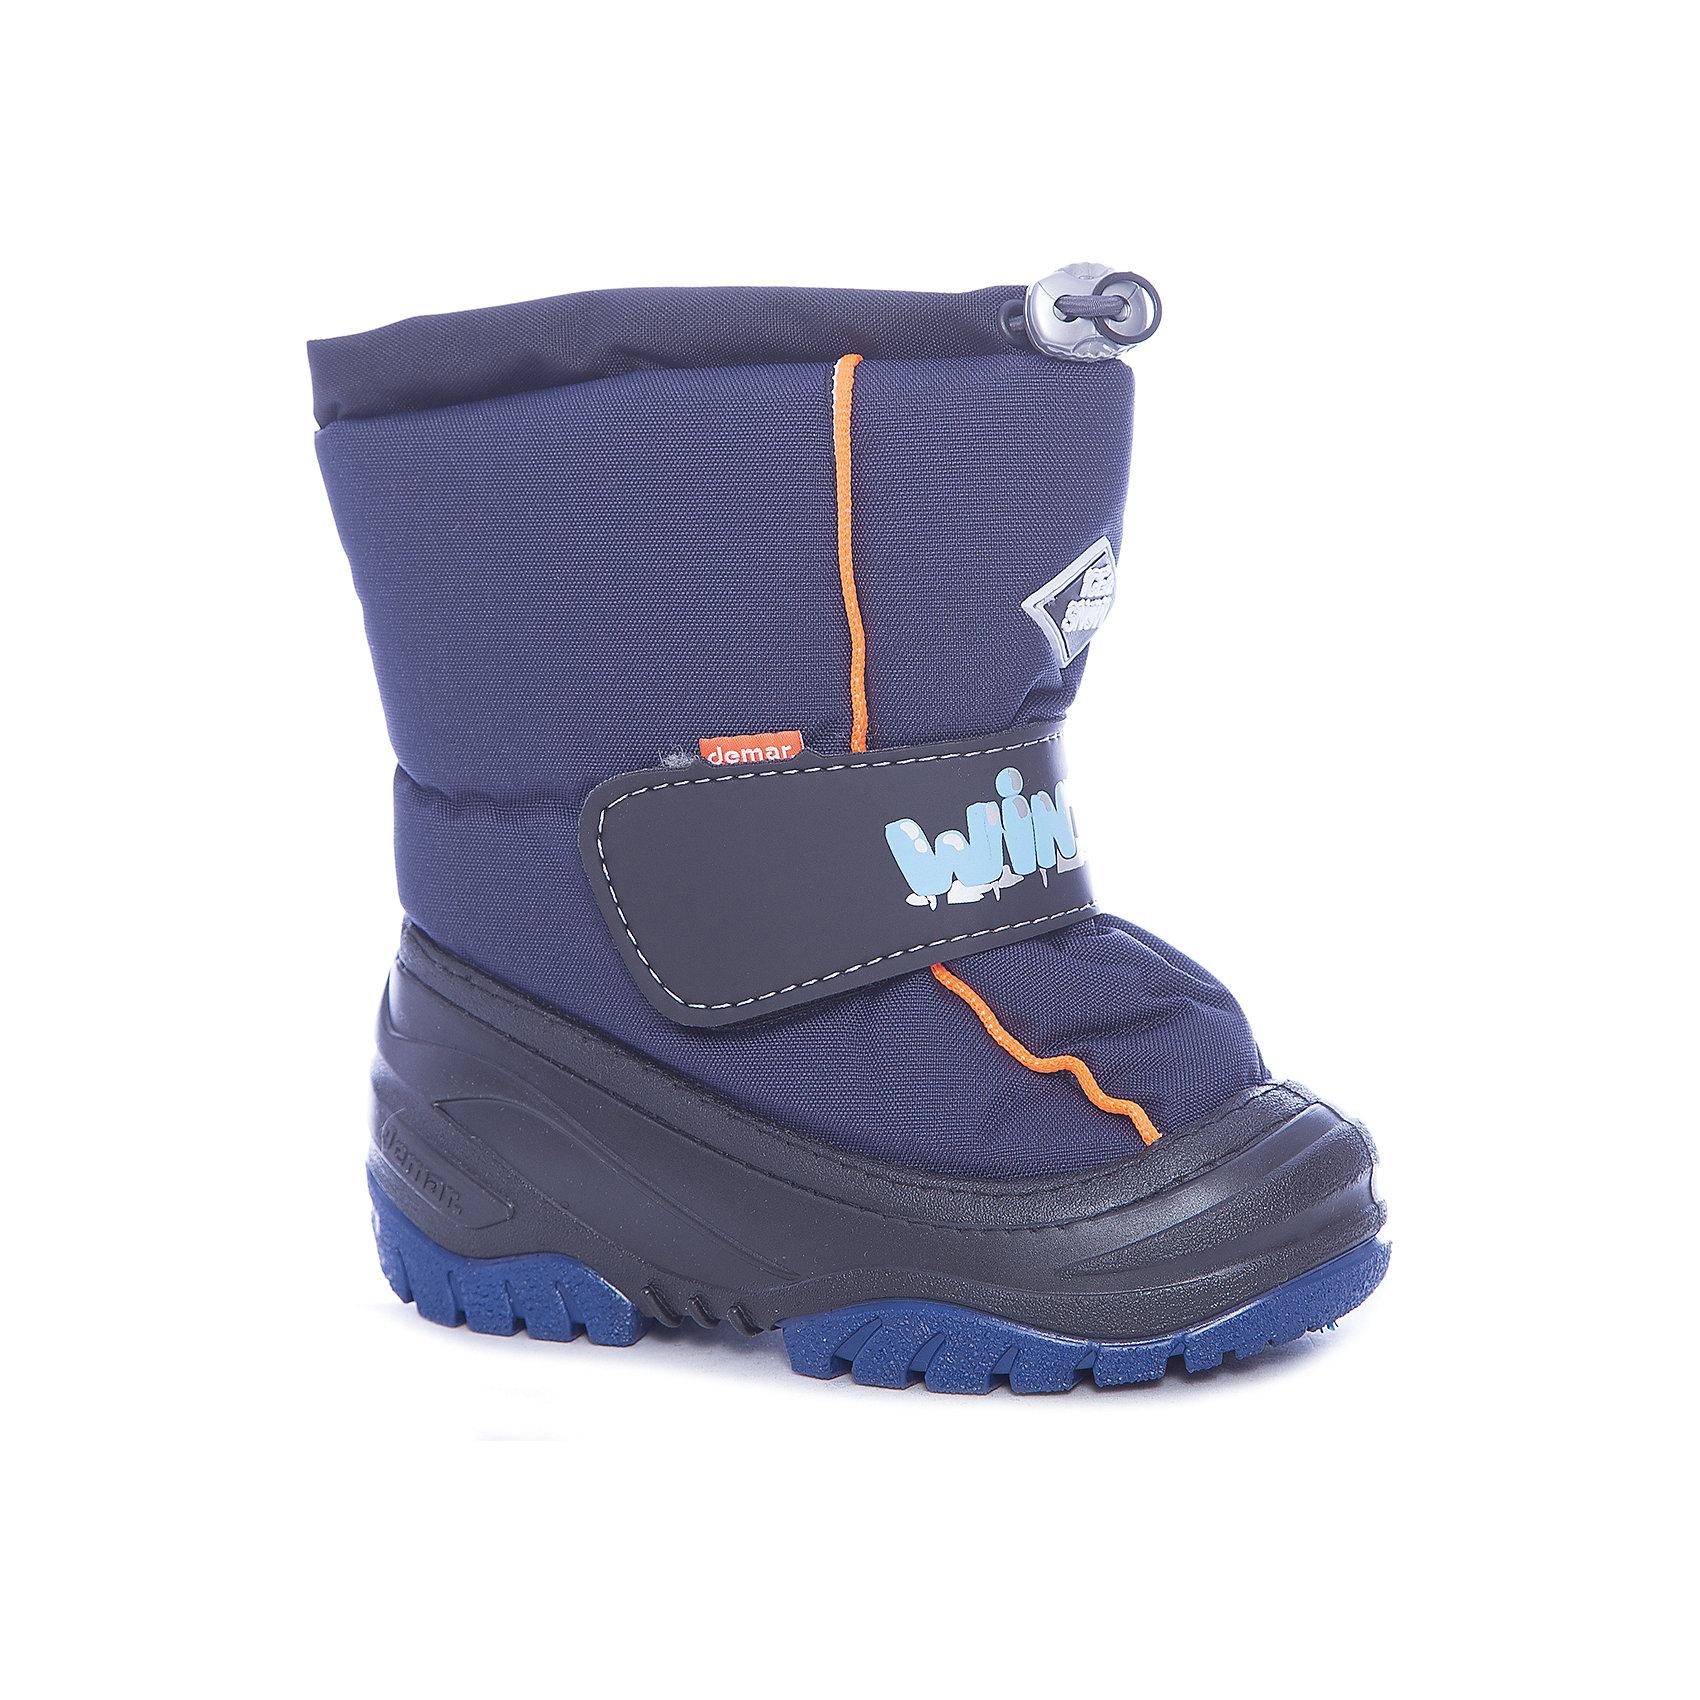 Сноубутсы Ice Snow для мальчика DemarСноубутсы<br>Характеристики товара:<br><br>• цвет: синий<br>• материал верха: текстиль<br>• материал подкладки: 100% натуральная шерсть <br>• материал подошвы: ТЭП<br>• температурный режим: от -20° до 0° С<br>• верх не продувается, пропитка от грязи и влаги<br>• анискользящая подошва<br>• застежка: липучка<br>• толстая устойчивая подошва<br>• усиленные пятка и носок<br>• страна бренда: Польша<br>• страна изготовитель: Польша<br><br>Зима - это время катания с горок, игр в снежки, лепки снеговиков и прогулок в снегопад! Чтобы не пропустить главные зимние удовольствия, нужно запастись теплой и удобной обувью. Такие сапожки обеспечат ребенку необходимый для активного отдыха комфорт, а подкладка из натуральной овечьей шерсти позволит ножкам оставаться теплыми. Сапожки легко надеваются и снимаются, отлично сидят на ноге. Они удивительно легкие!<br>Обувь от польского бренда Demar - это качественные товары, созданные с применением новейших технологий и с использованием как натуральных, так и высокотехнологичных материалов. Обувь отличается стильным дизайном и продуманной конструкцией. Изделие производится из качественных и проверенных материалов, которые безопасны для детей.<br><br>Сапоги от бренда Demar (Демар) можно купить в нашем интернет-магазине.<br><br>Ширина мм: 257<br>Глубина мм: 180<br>Высота мм: 130<br>Вес г: 420<br>Цвет: синий<br>Возраст от месяцев: 18<br>Возраст до месяцев: 21<br>Пол: Мужской<br>Возраст: Детский<br>Размер: 22/23,26/27,20/21,28/29,24/25<br>SKU: 4366163